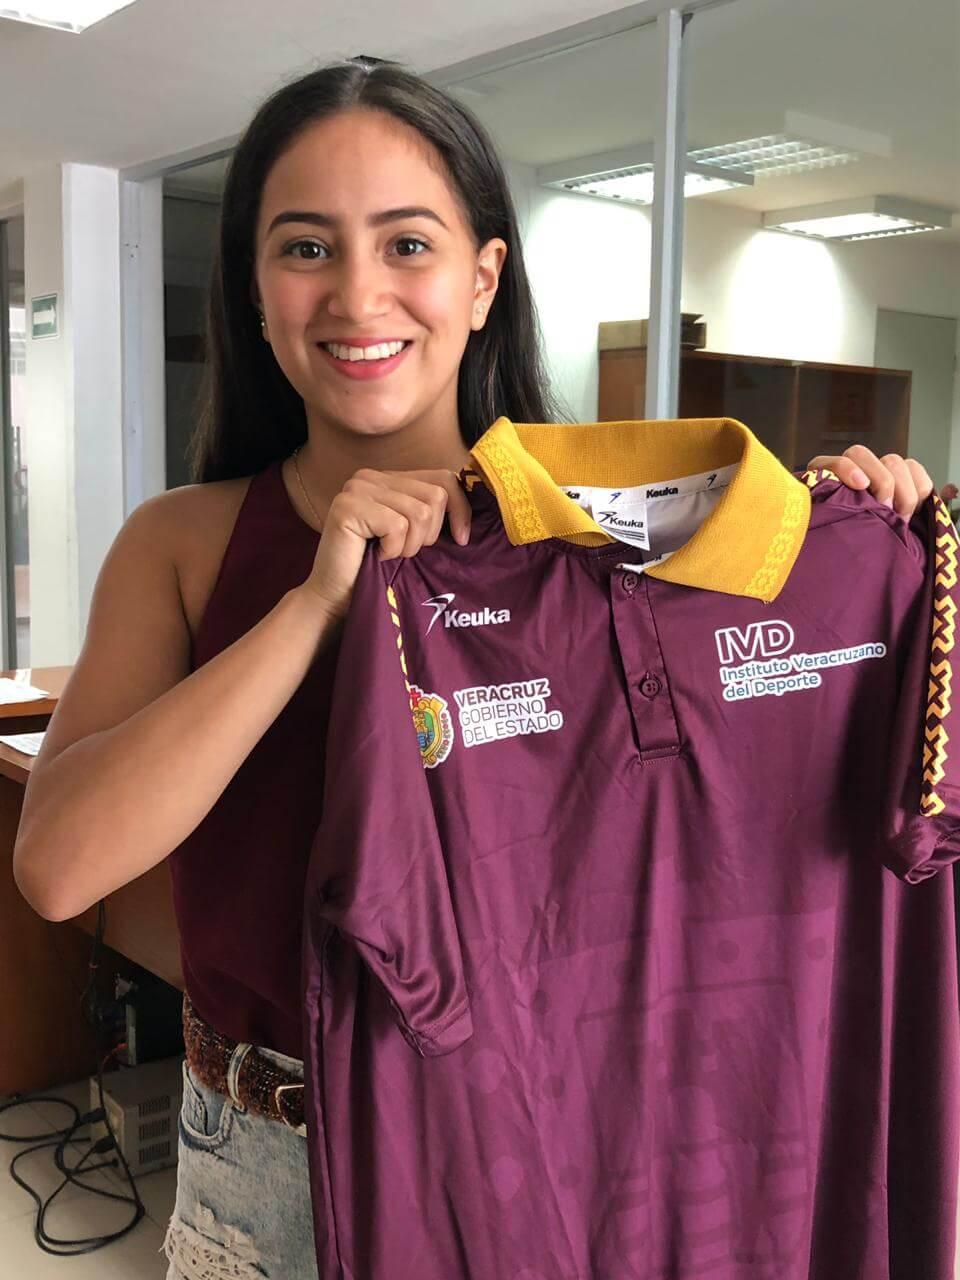 La gimnasta veracruzana Marina Malpica Ramírez está lista para brindar el campamento de verano en Gimnasia Rítmica que se desarrollará en la Arena Veracruz